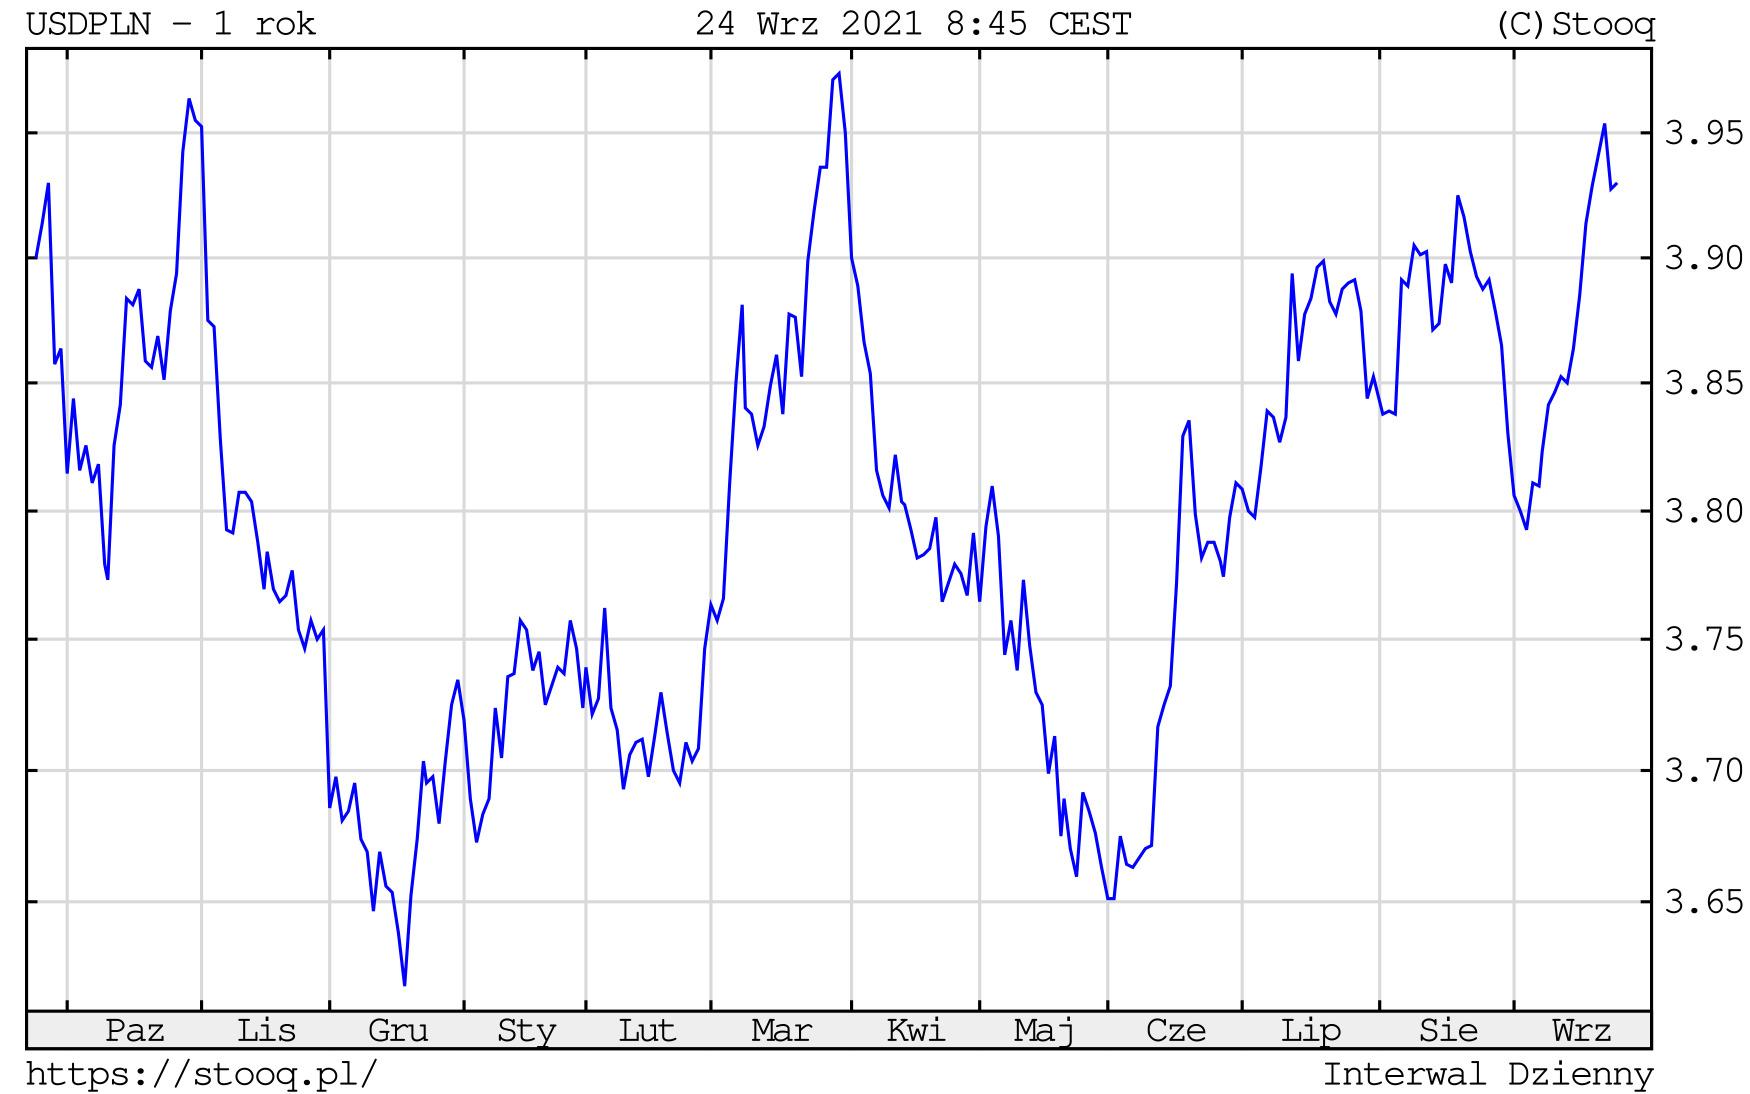 Kurs dolara w piątek, 24 września 2021 roku. Notowania USD/PLN na wykresie dziennym